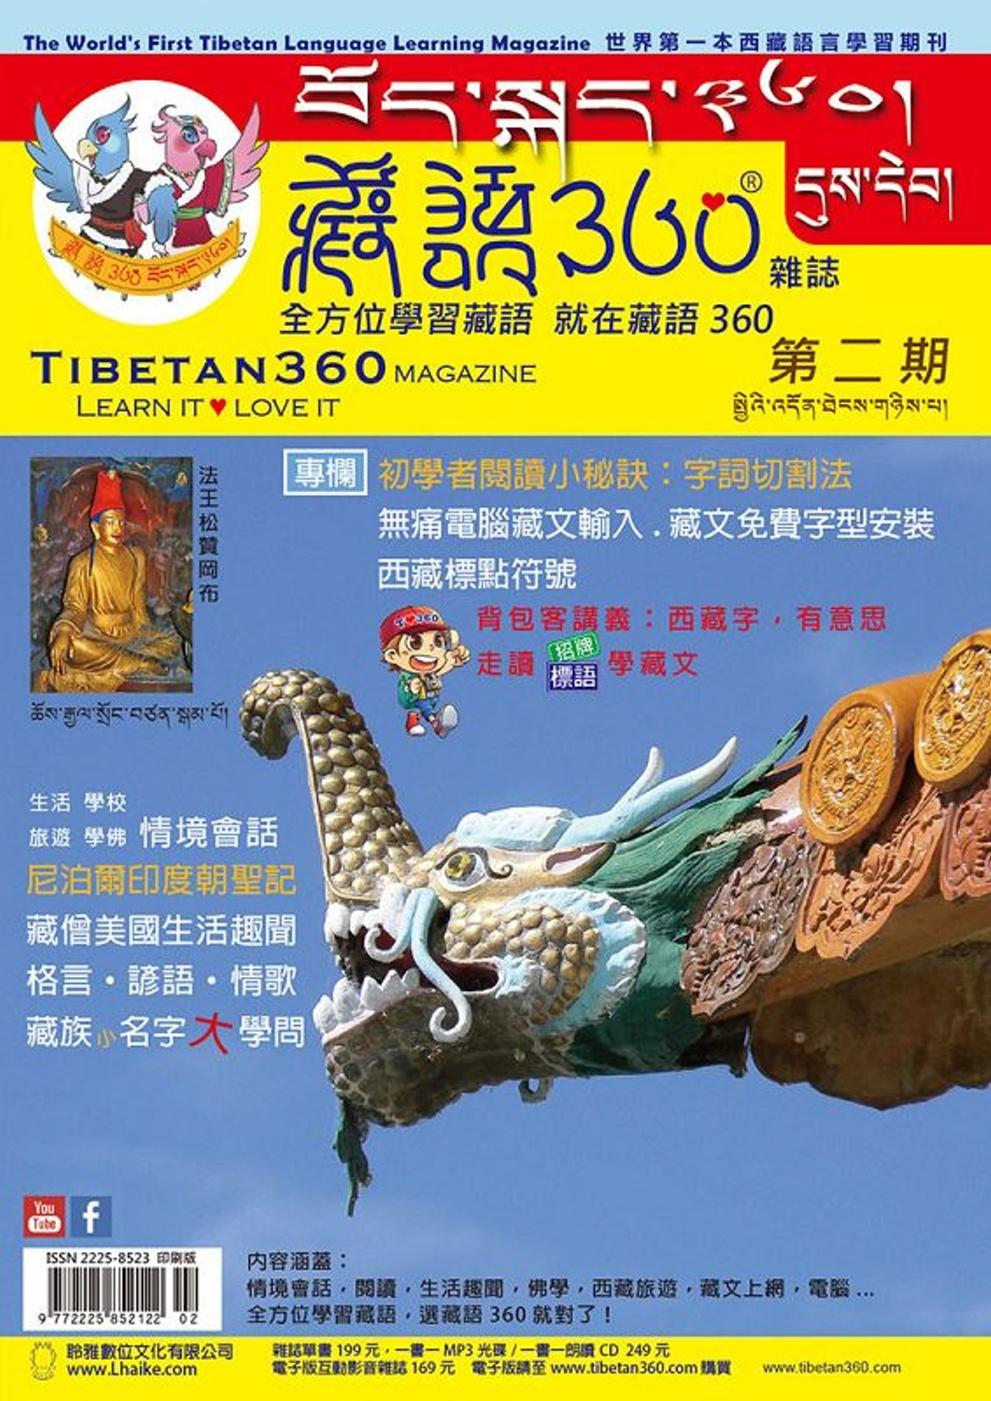 全方位學習藏語(2)